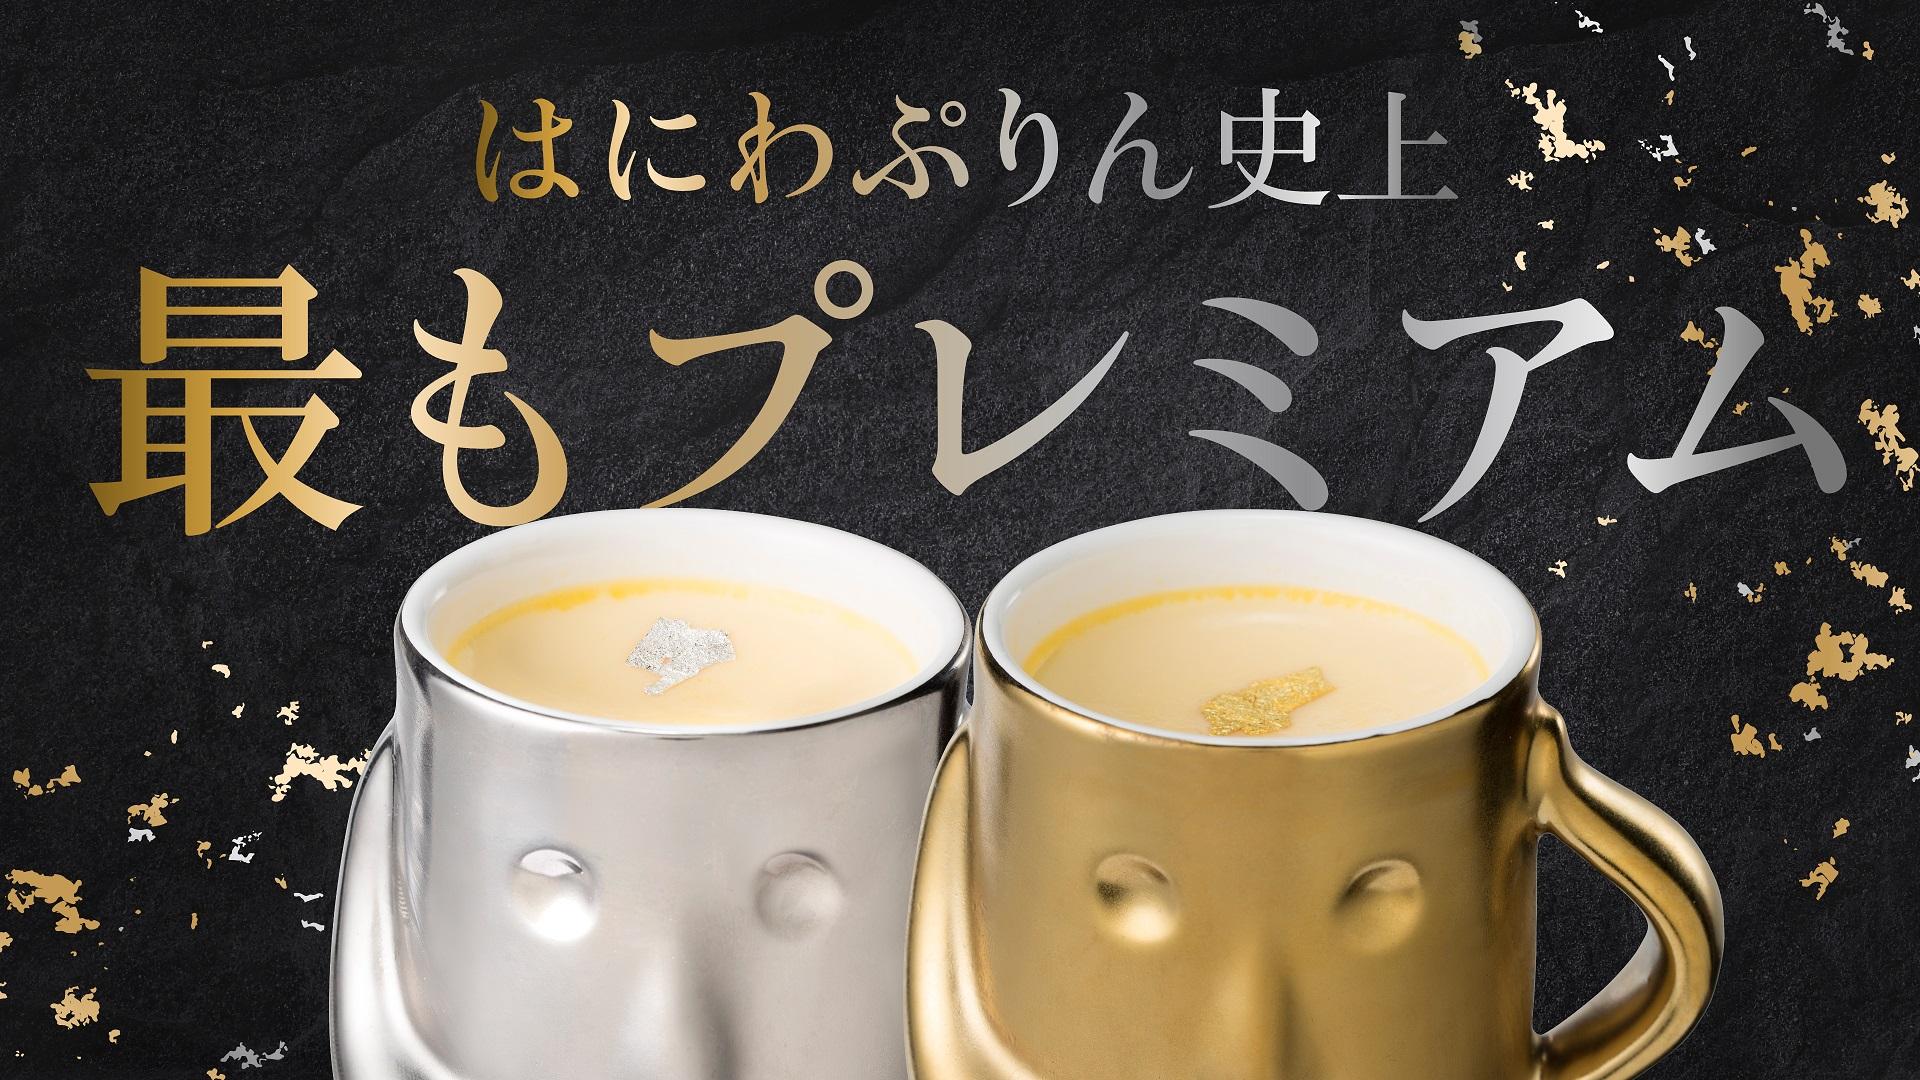 ブランド卵を使った高級プリンは2個で5000円 金と銀のプレミアム「はにわぷりん」、8月末まで予約販売 画像1